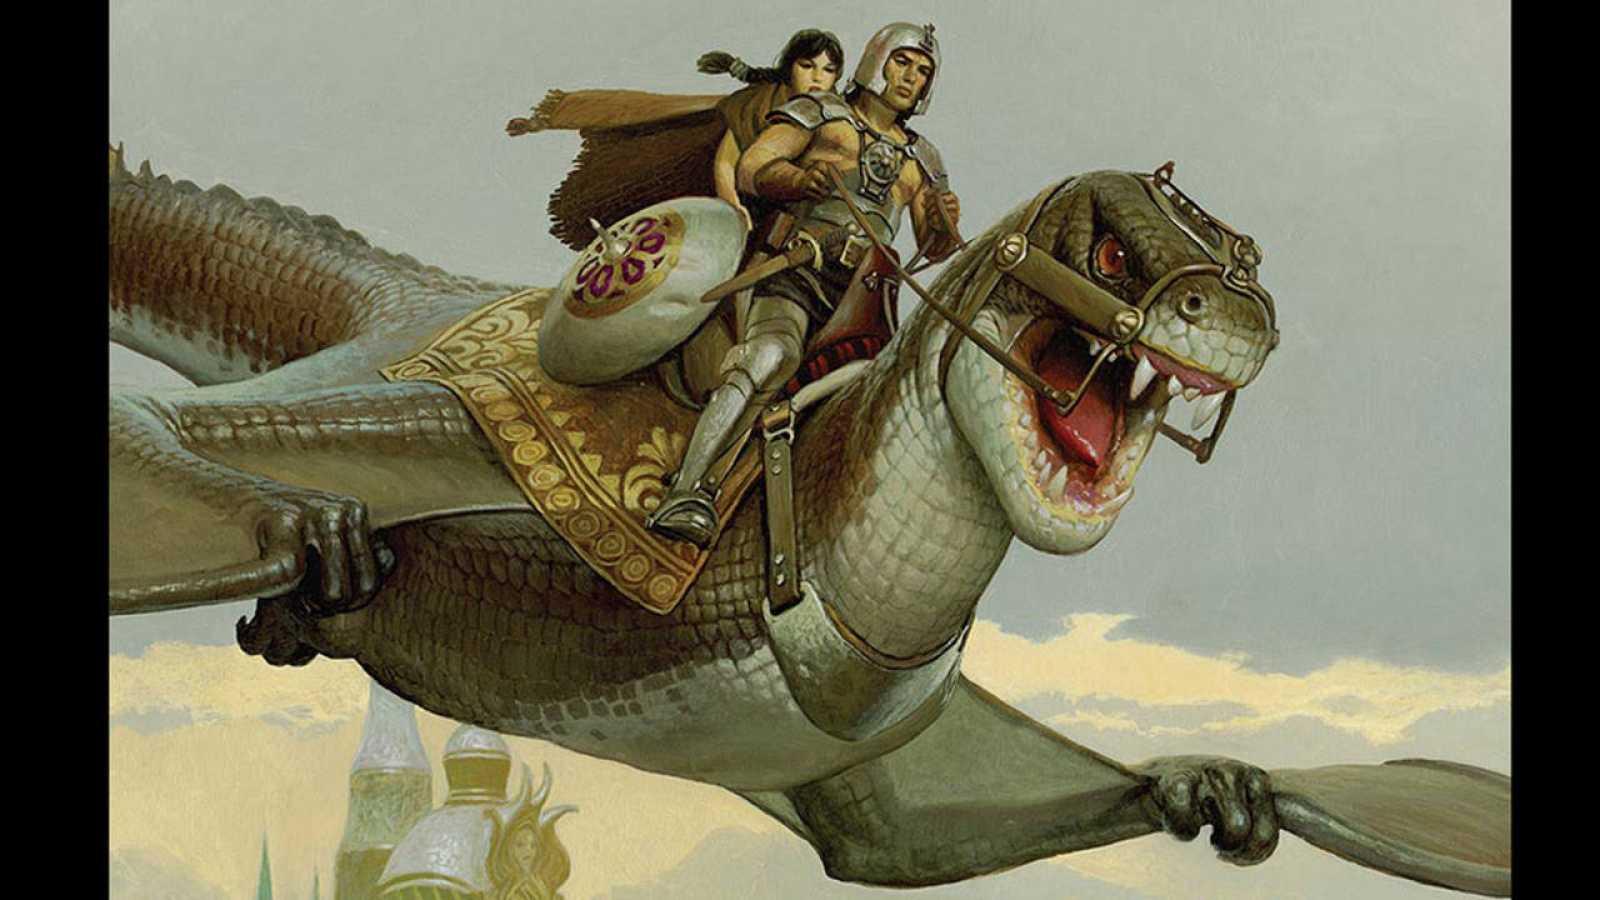 Fragmento de una ilustración de 'El mercenario'